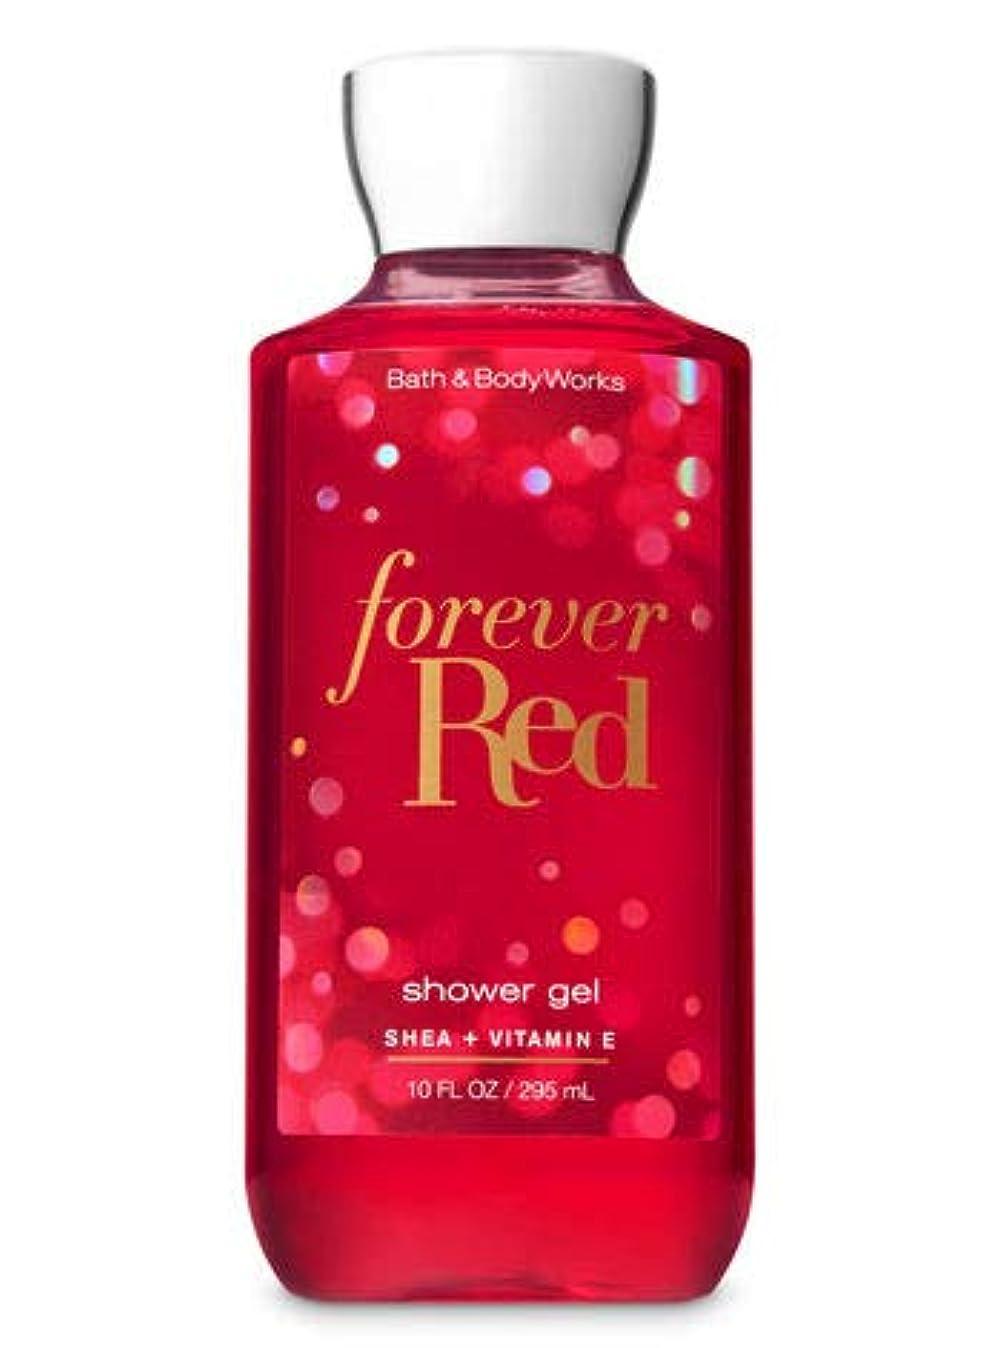 参照するアクセシブルある【Bath&Body Works/バス&ボディワークス】 シャワージェル フォーエバーレッド Shower Gel Forever Red 10 fl oz / 295 mL [並行輸入品]